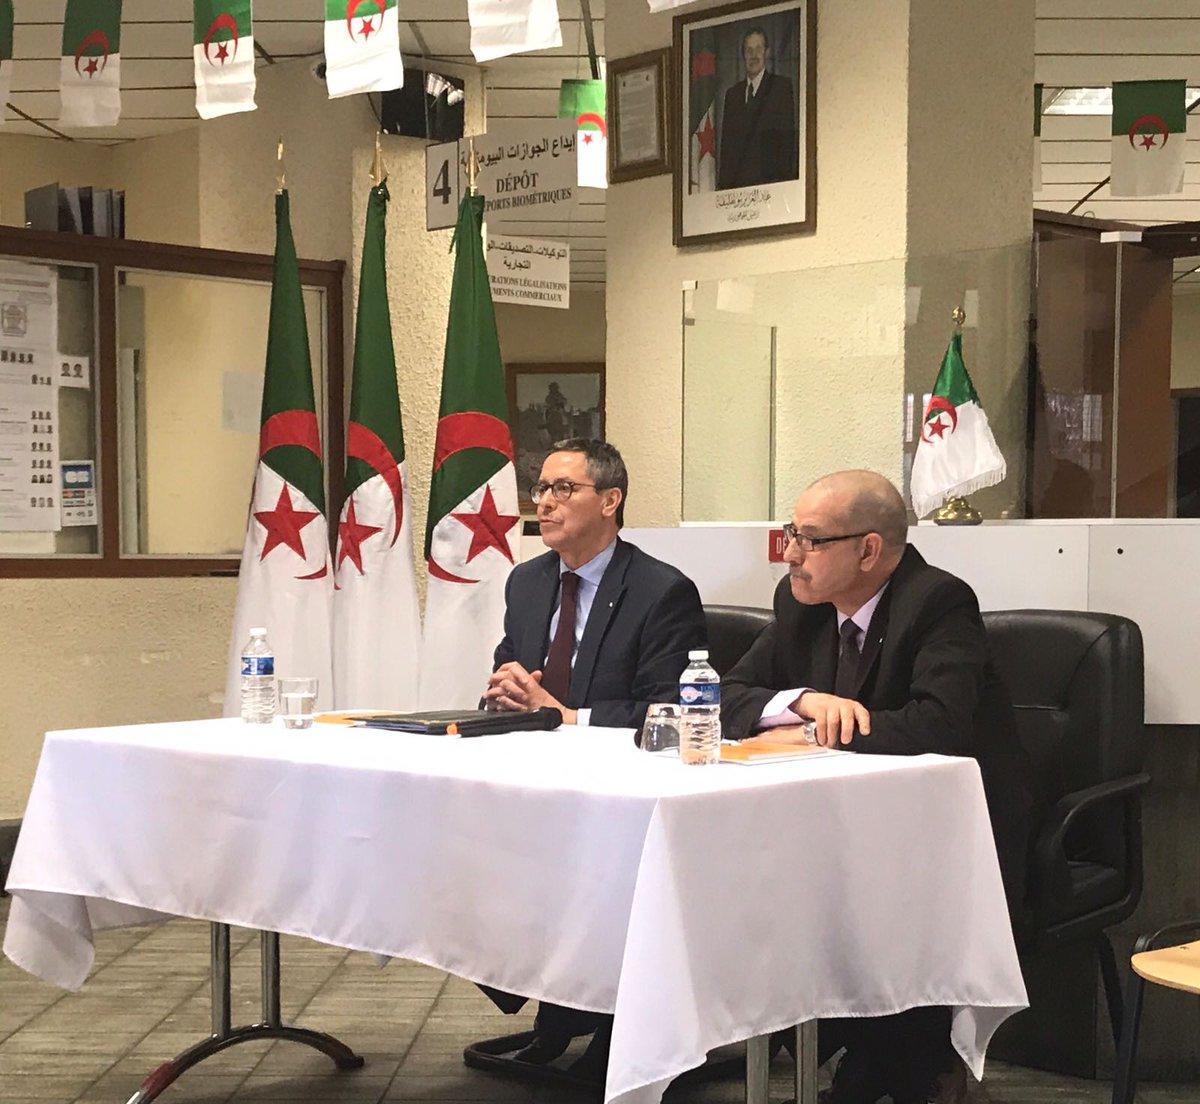 Abdelkader Mesdoua On Twitter Réunion Avec Le Personnel Du Consulat D Algerie à Saintetienne En Présence Du Consul Discussions Autour Des Méthodes Et Des Moyens à Mettre En Place Pour Améliorer Les Conditions